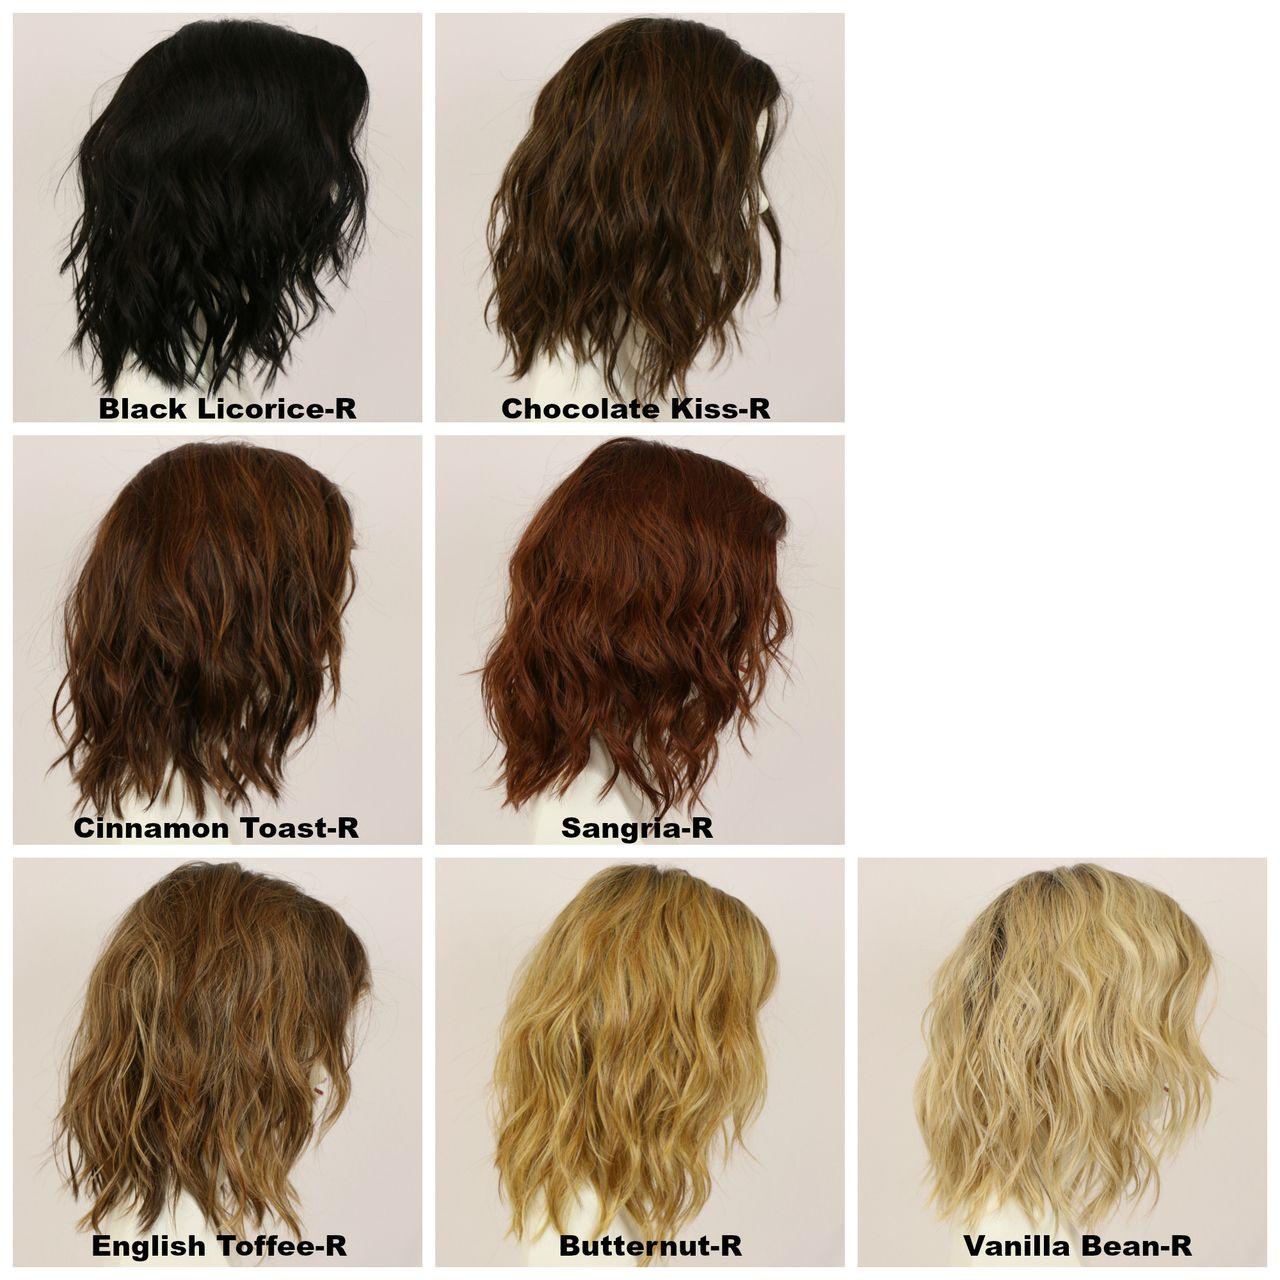 Julia LF w/Roots (medium wig) - Godivas Secret®